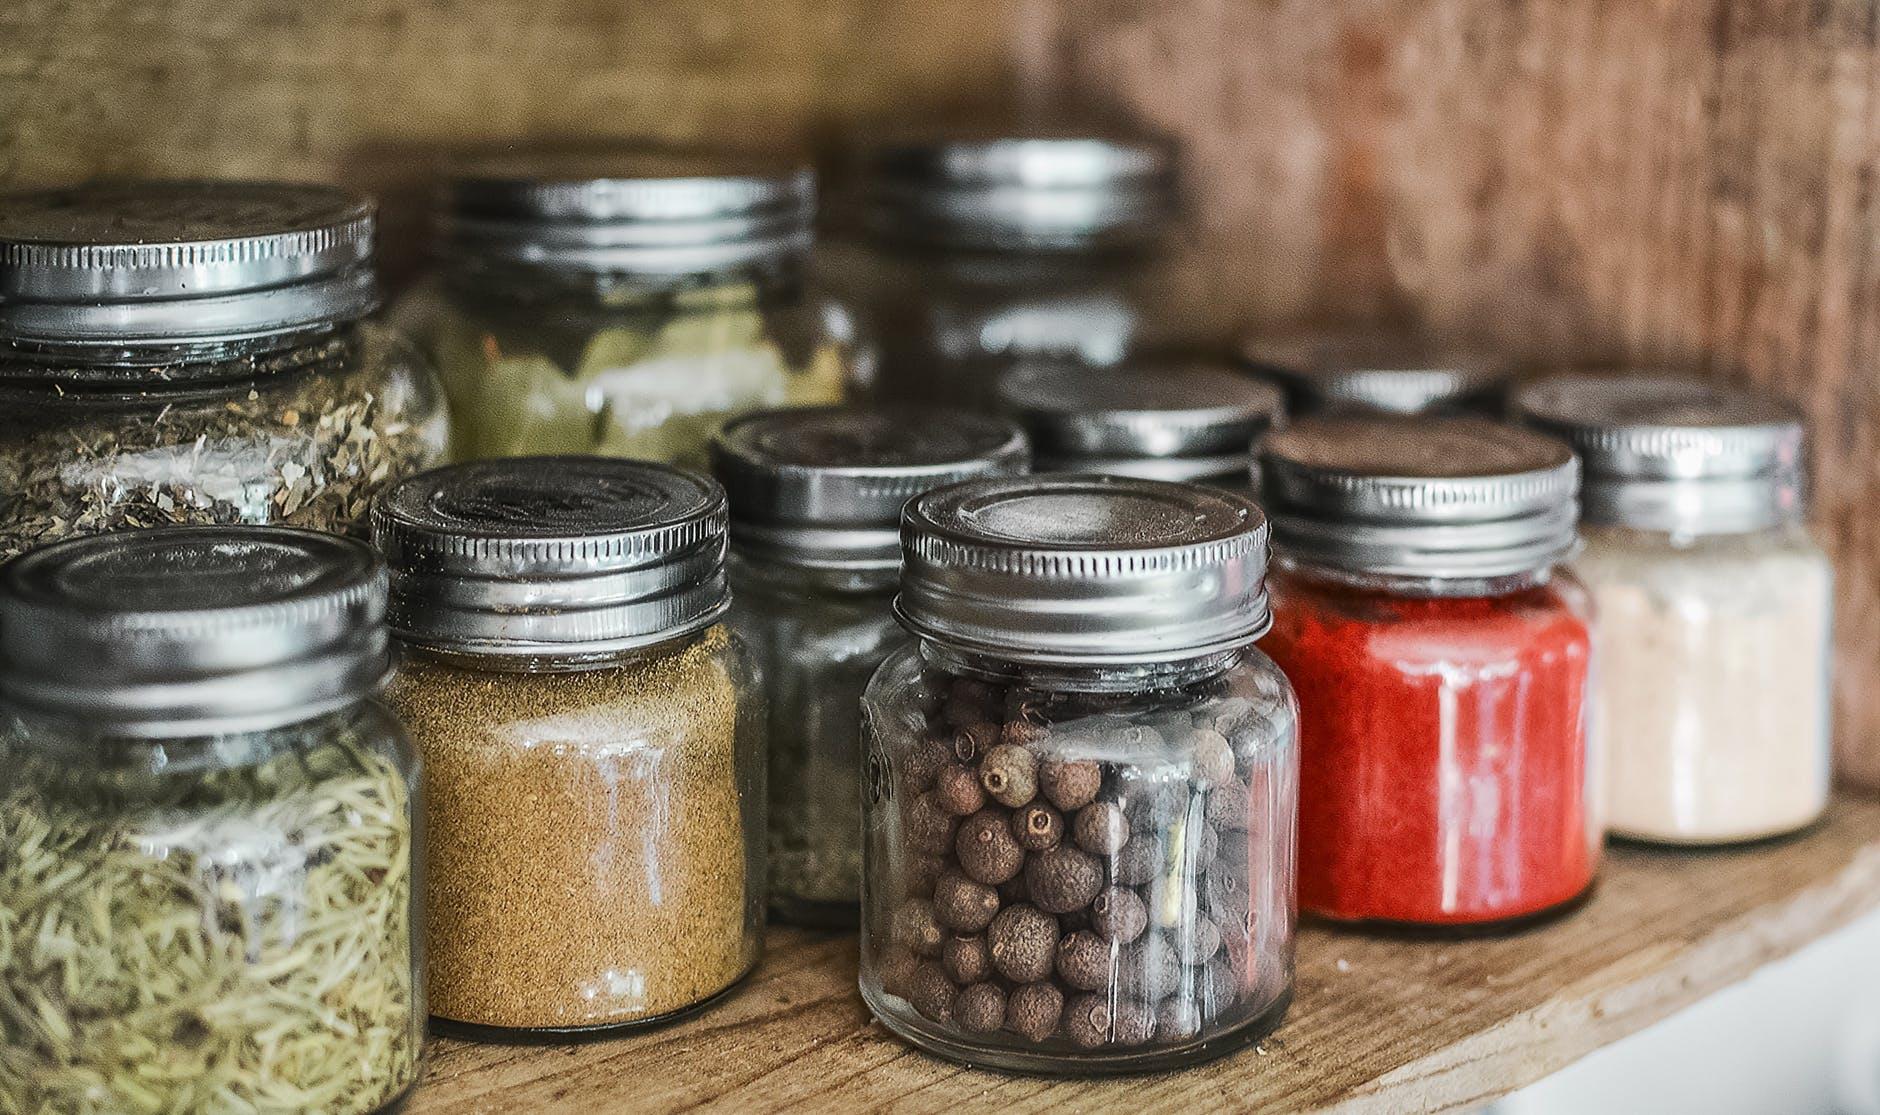 Иновативни идеи да организираме кухнята си